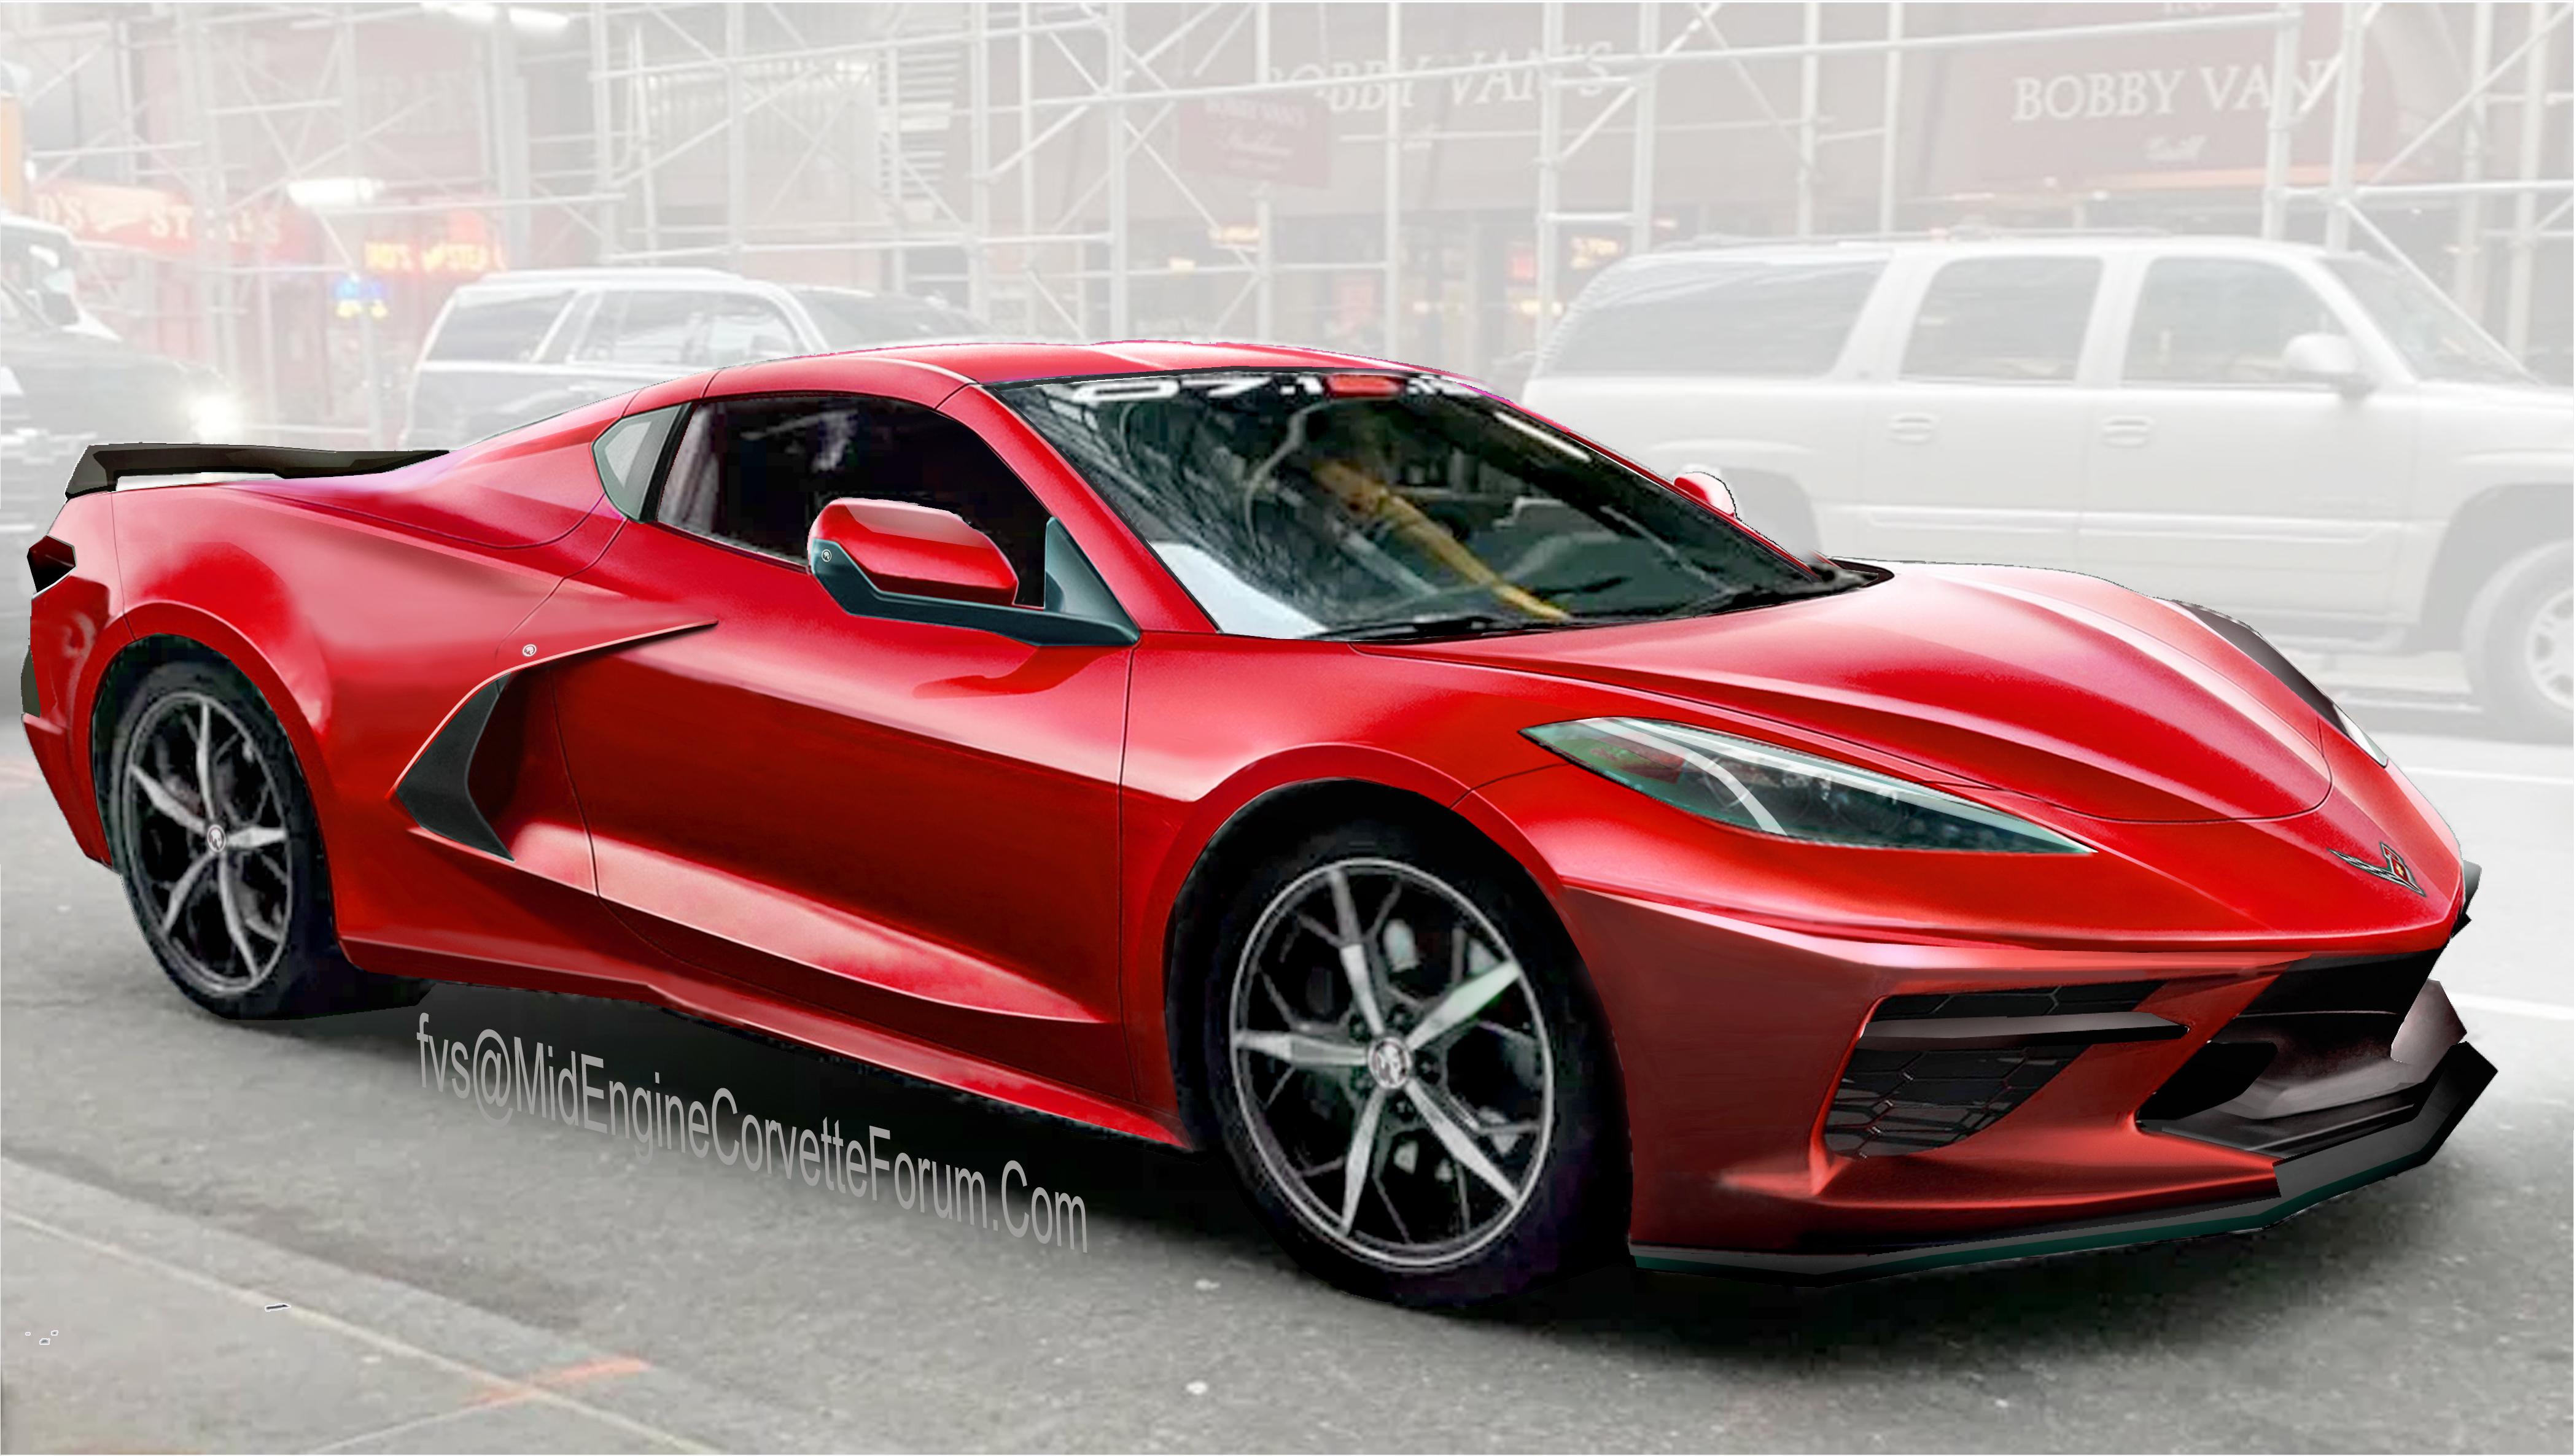 ¡Bombazo! Así es el nuevo Corvette C8